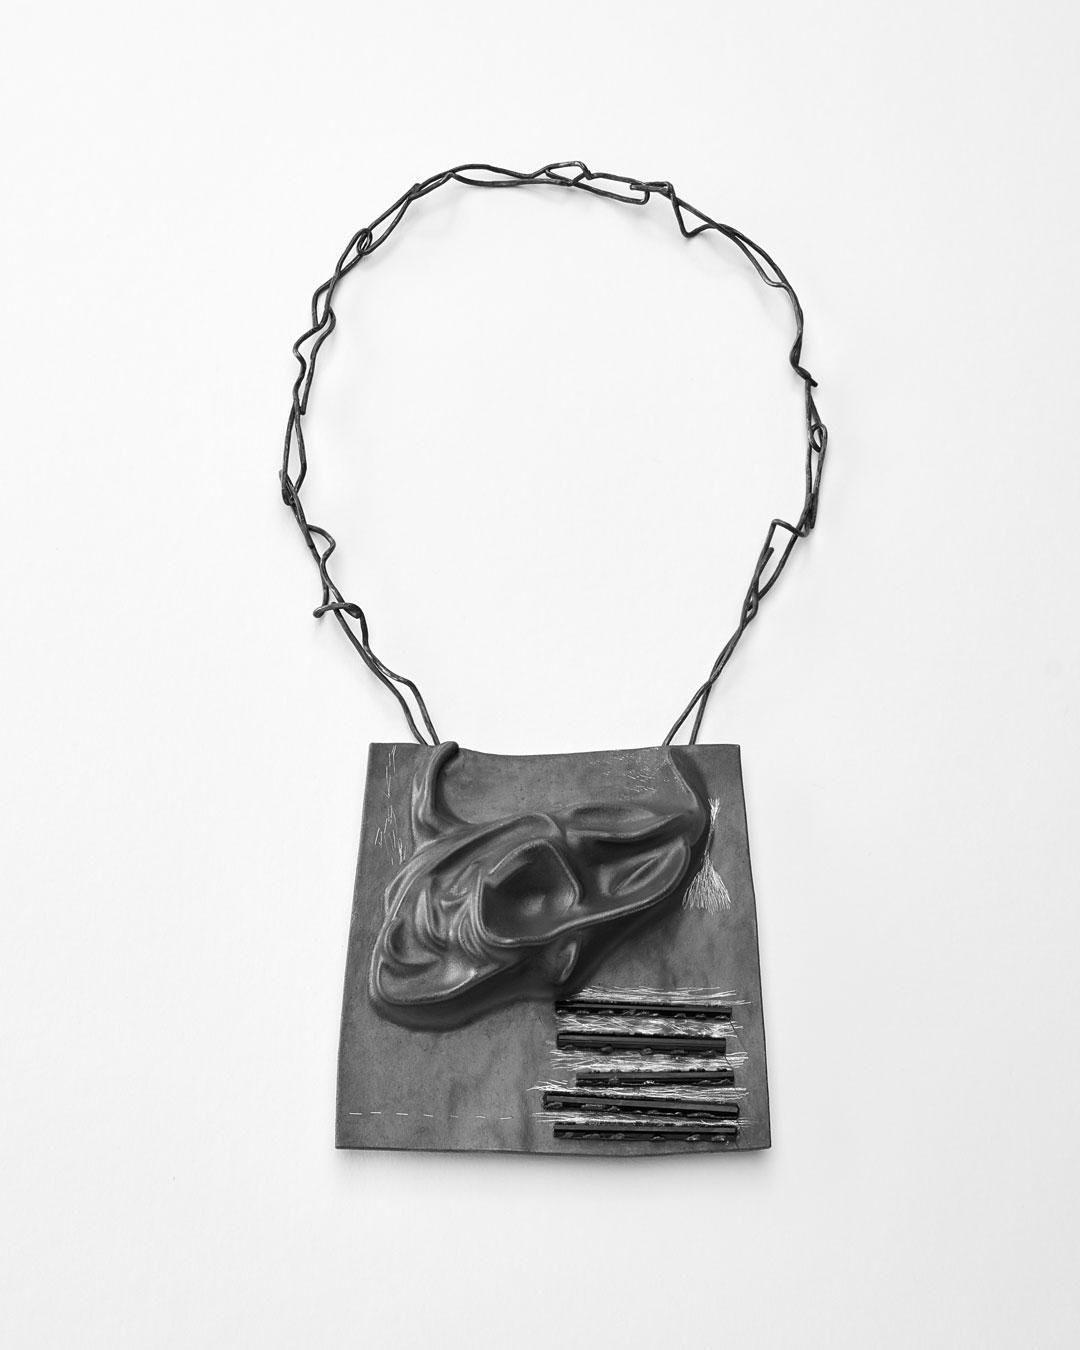 Iris Bodemer, Klang 2 (Geluid 2), 2019, hanger; zilver, thermoplast, toermalijn, 100 x 100 x 20 mm, €4000